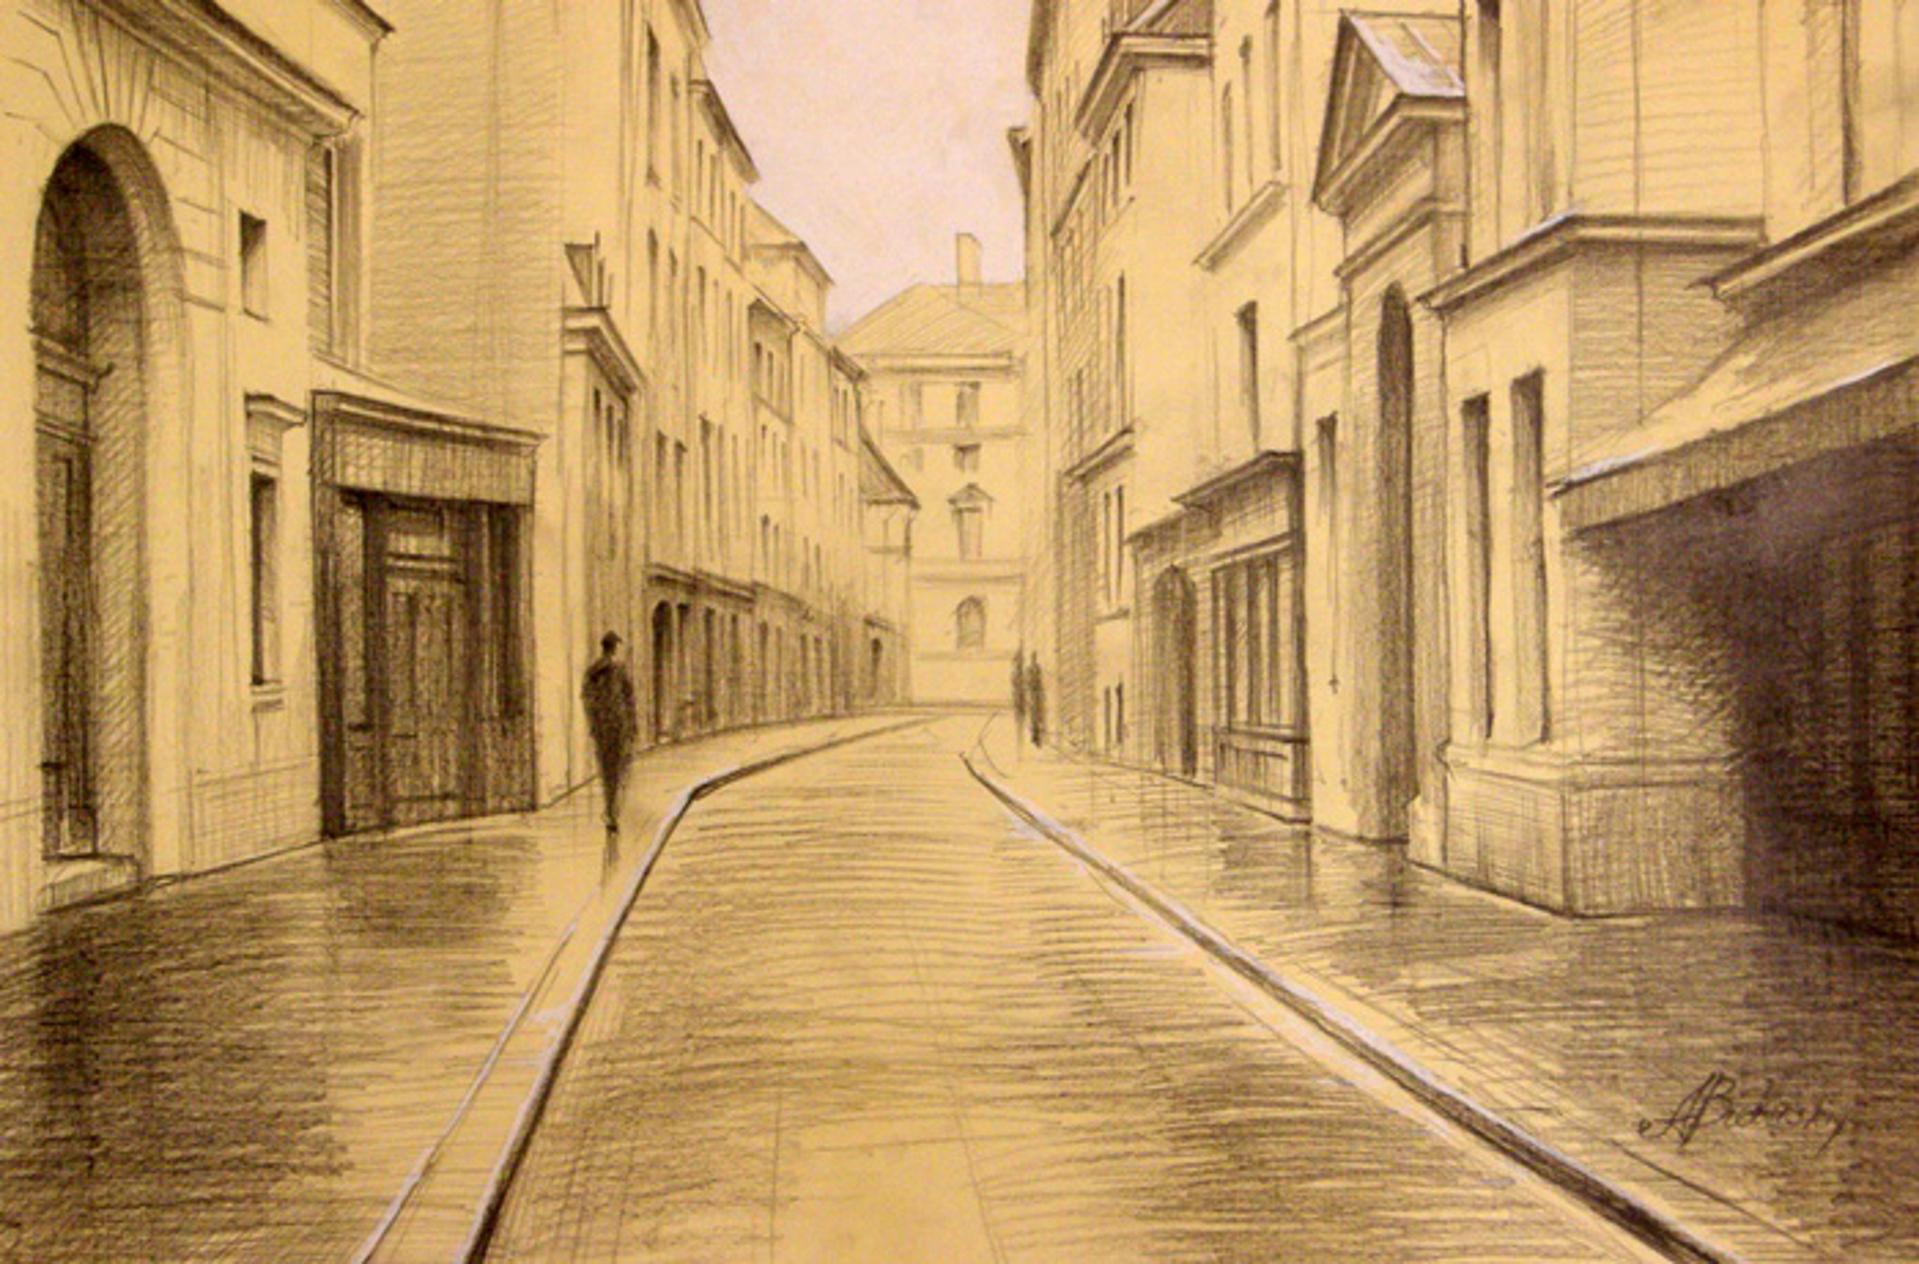 Streets of Paris by Alexei Butirskiy